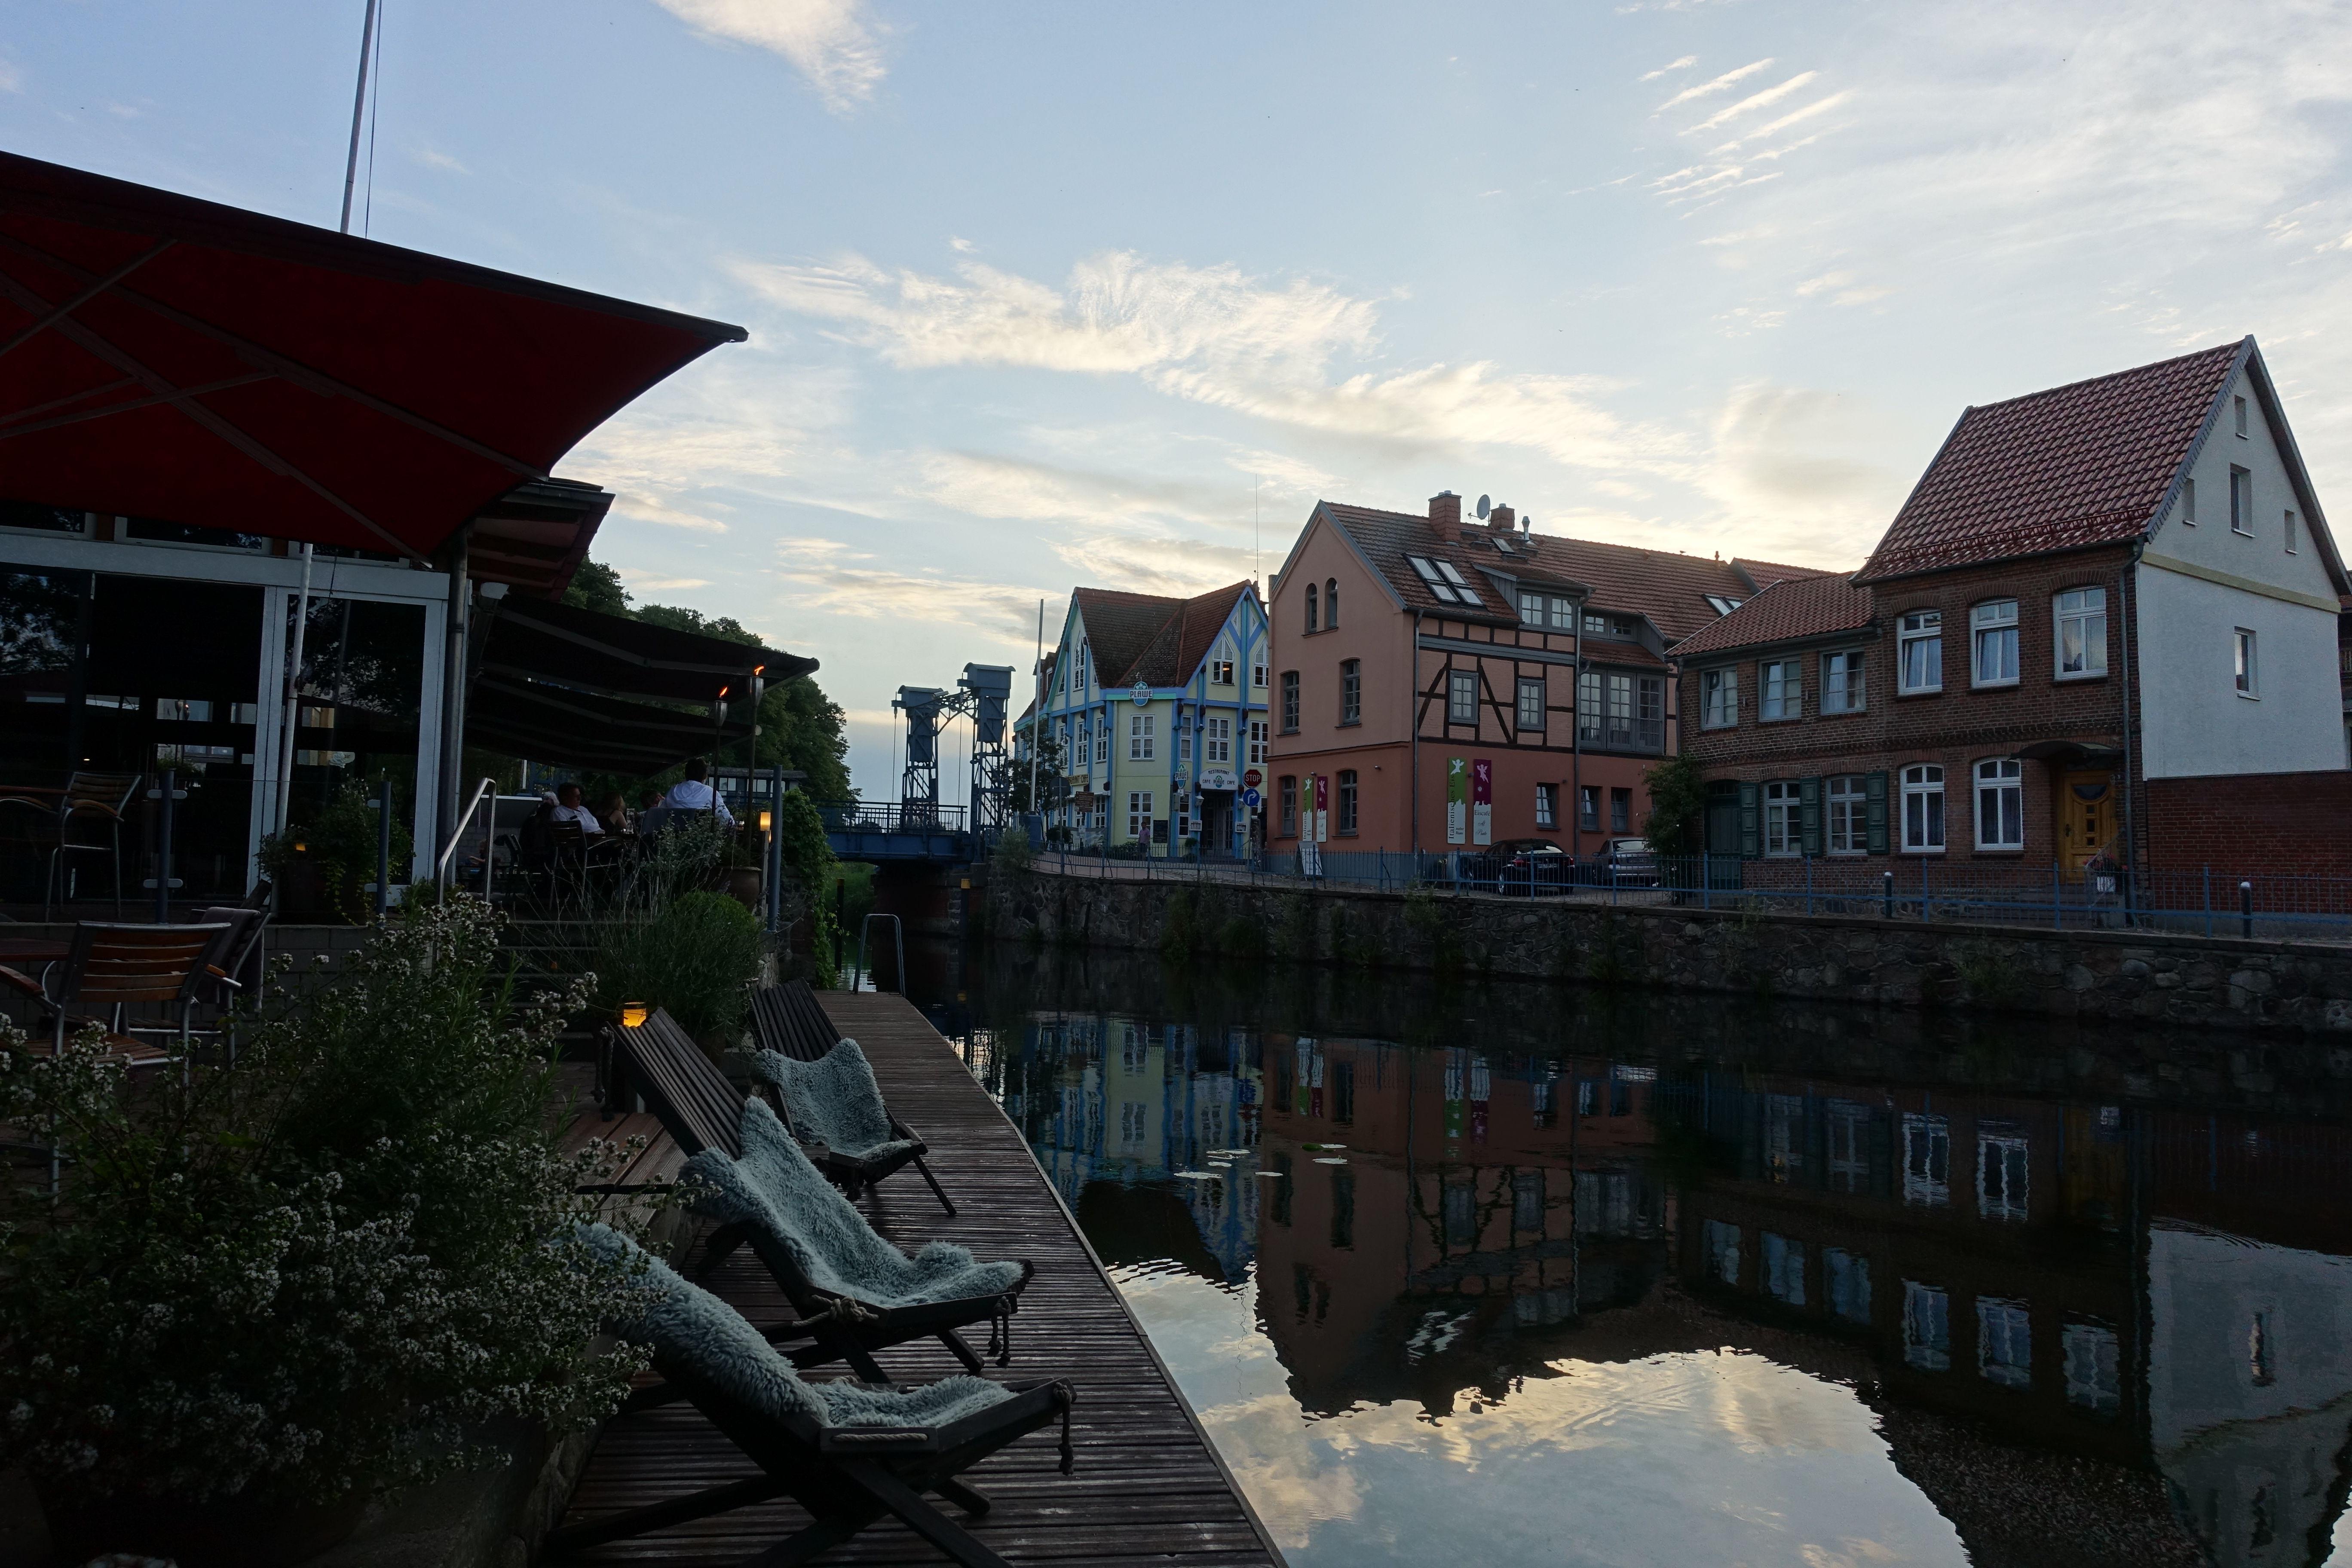 Abendliche Stimmung am Steg im Fackelgarten mit Blick auf die Hubbrücke